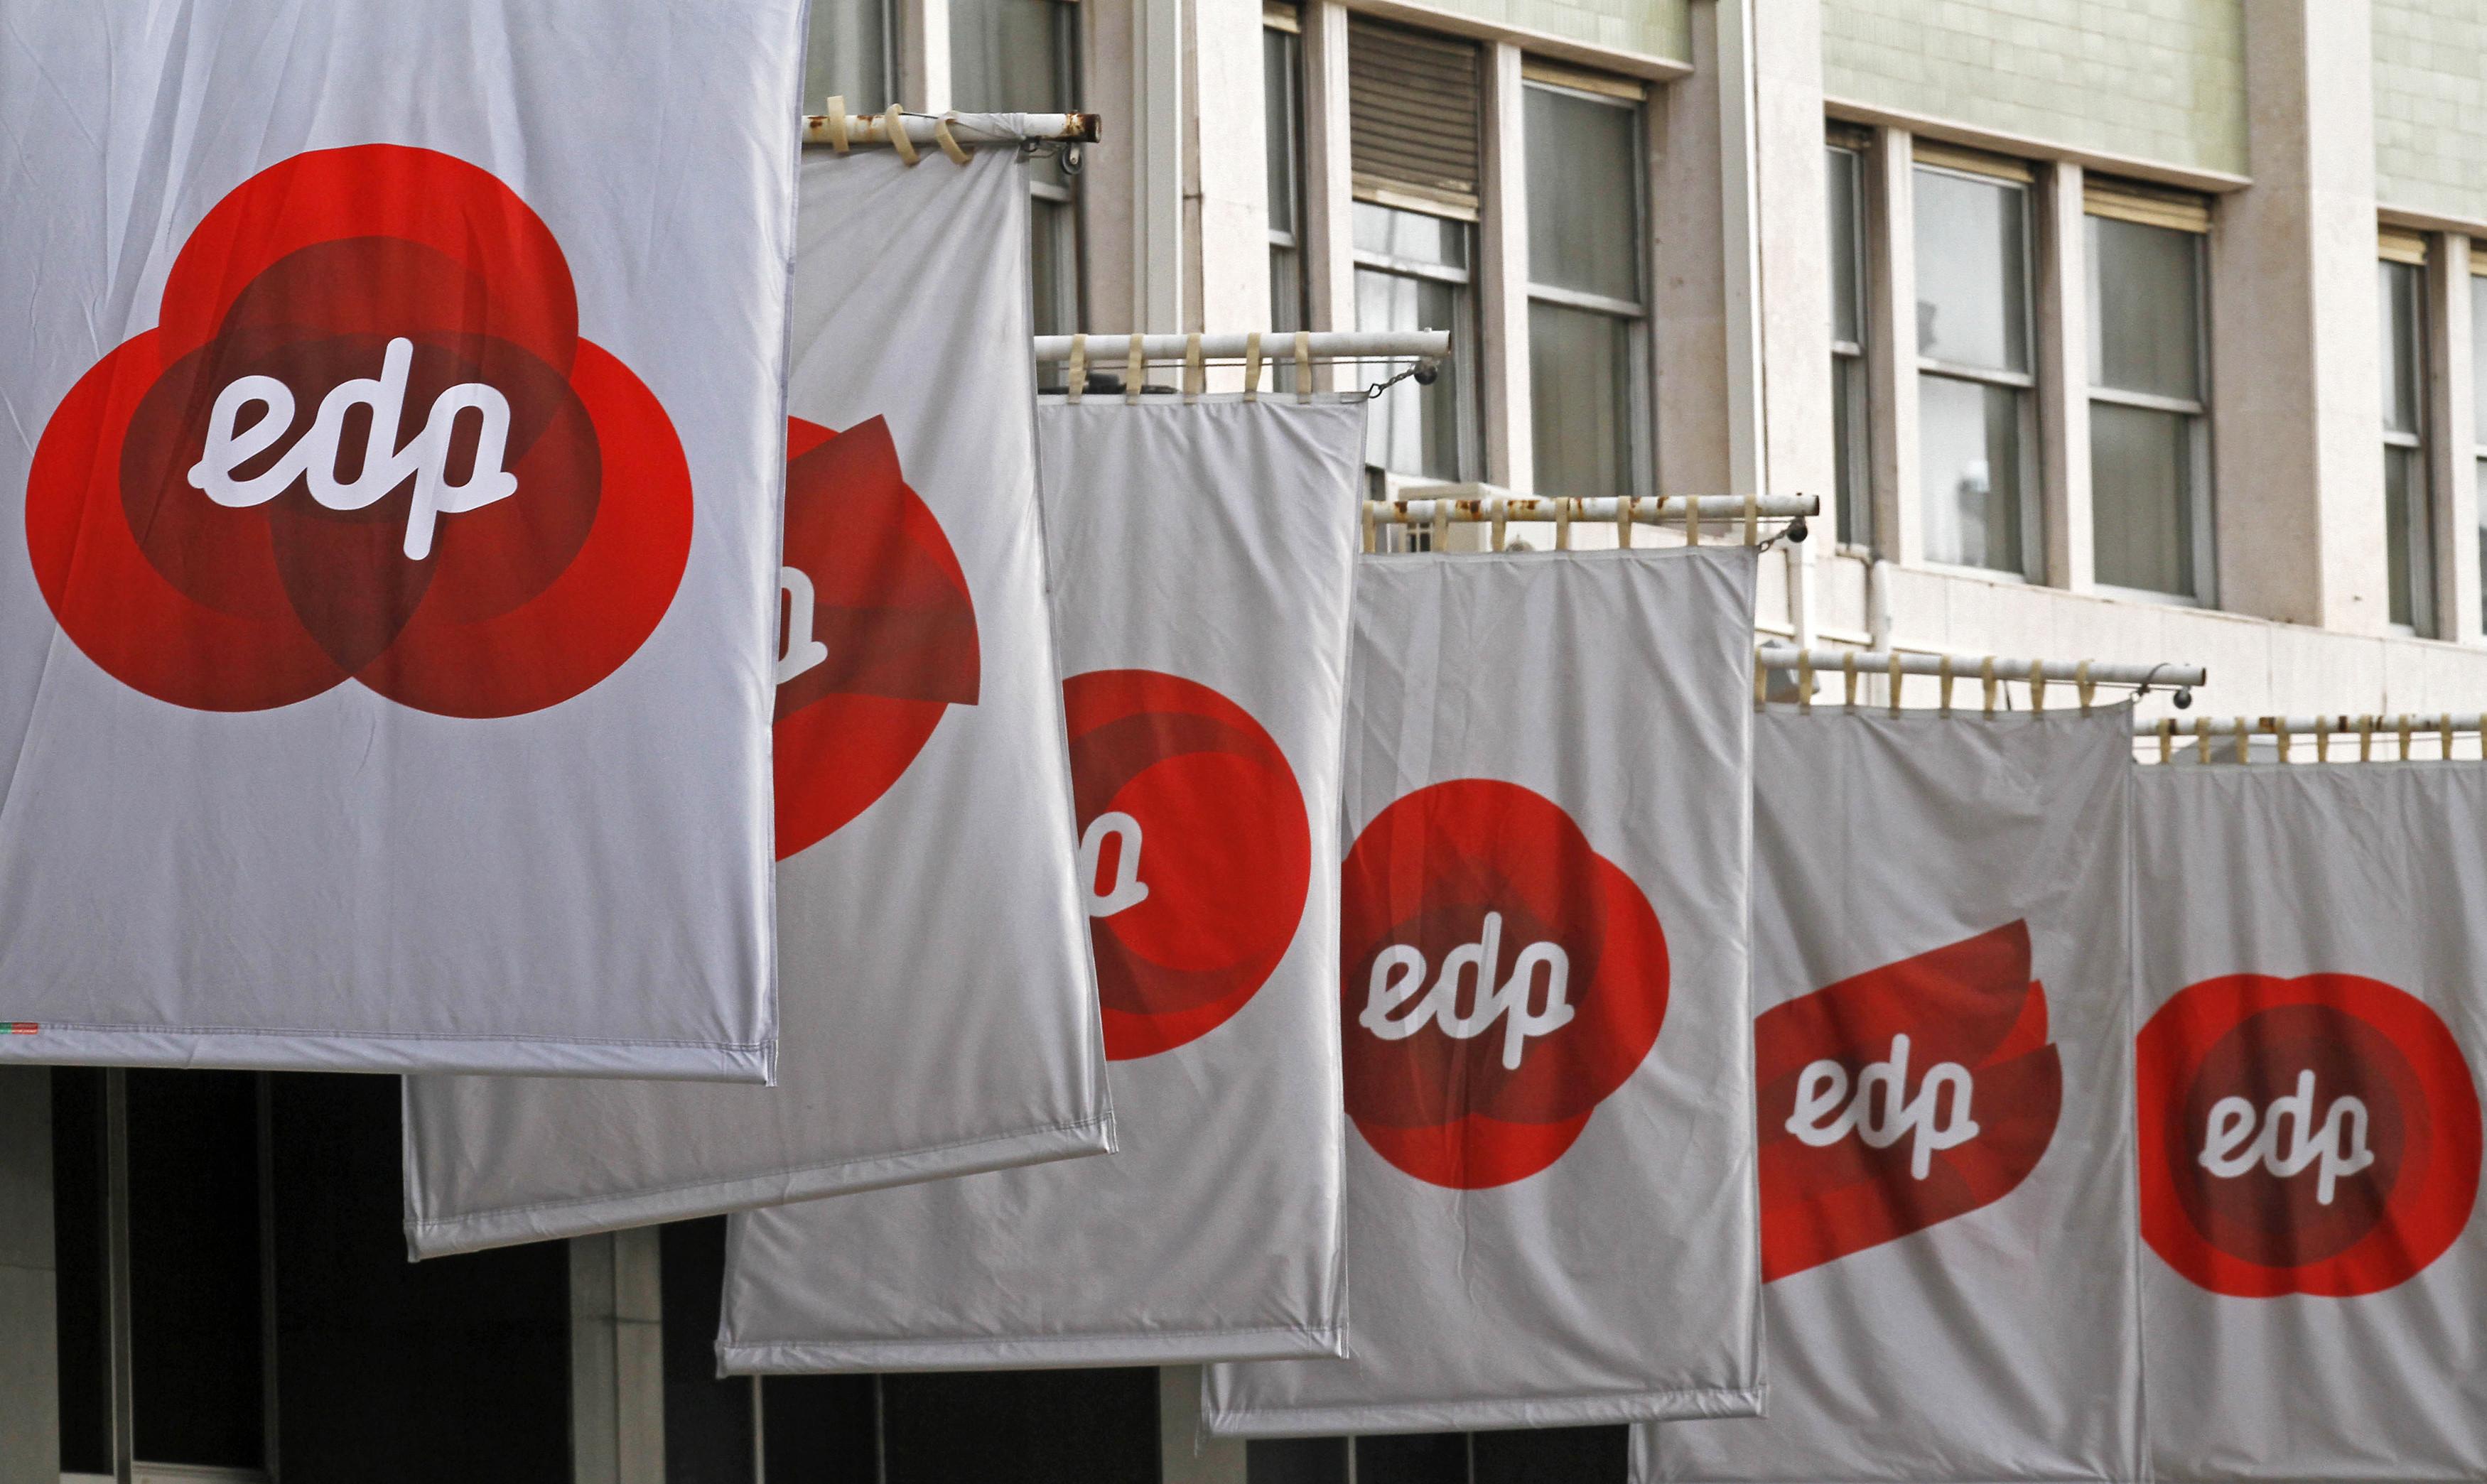 Sobre-remuneração dos contratos até 2027 com a EDP deve ser revista